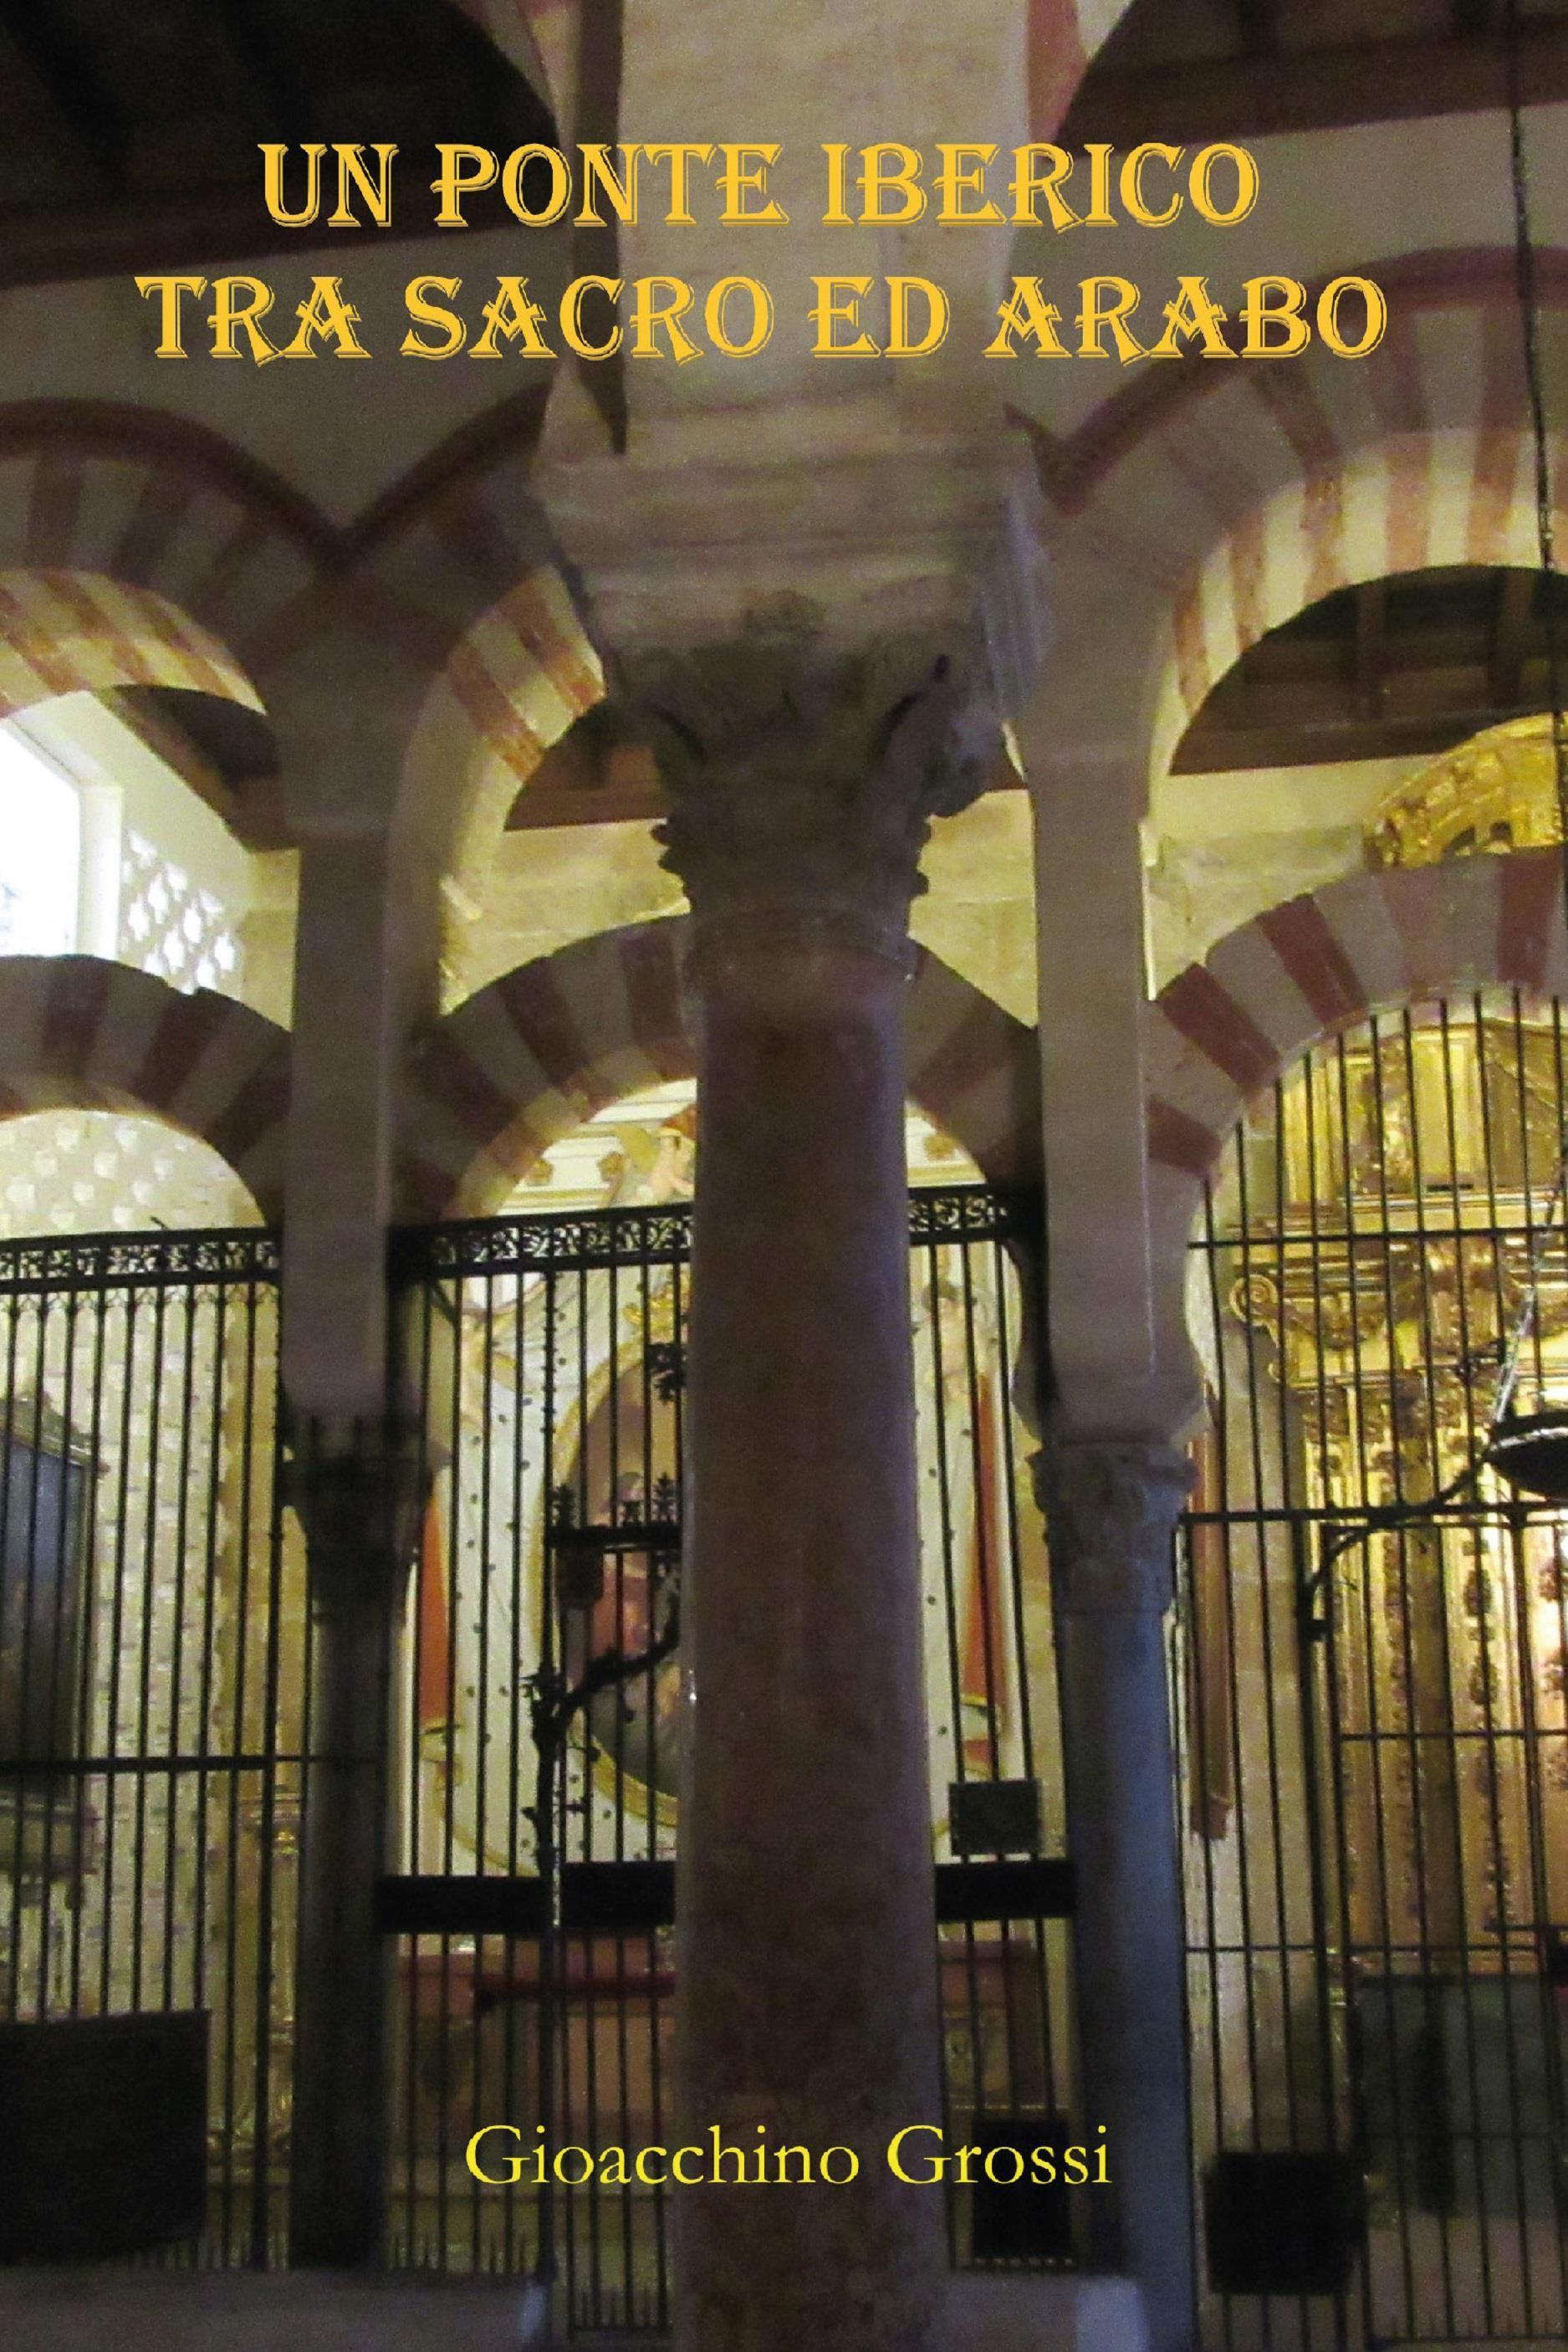 Un ponte iberico tra sacro ed arabo